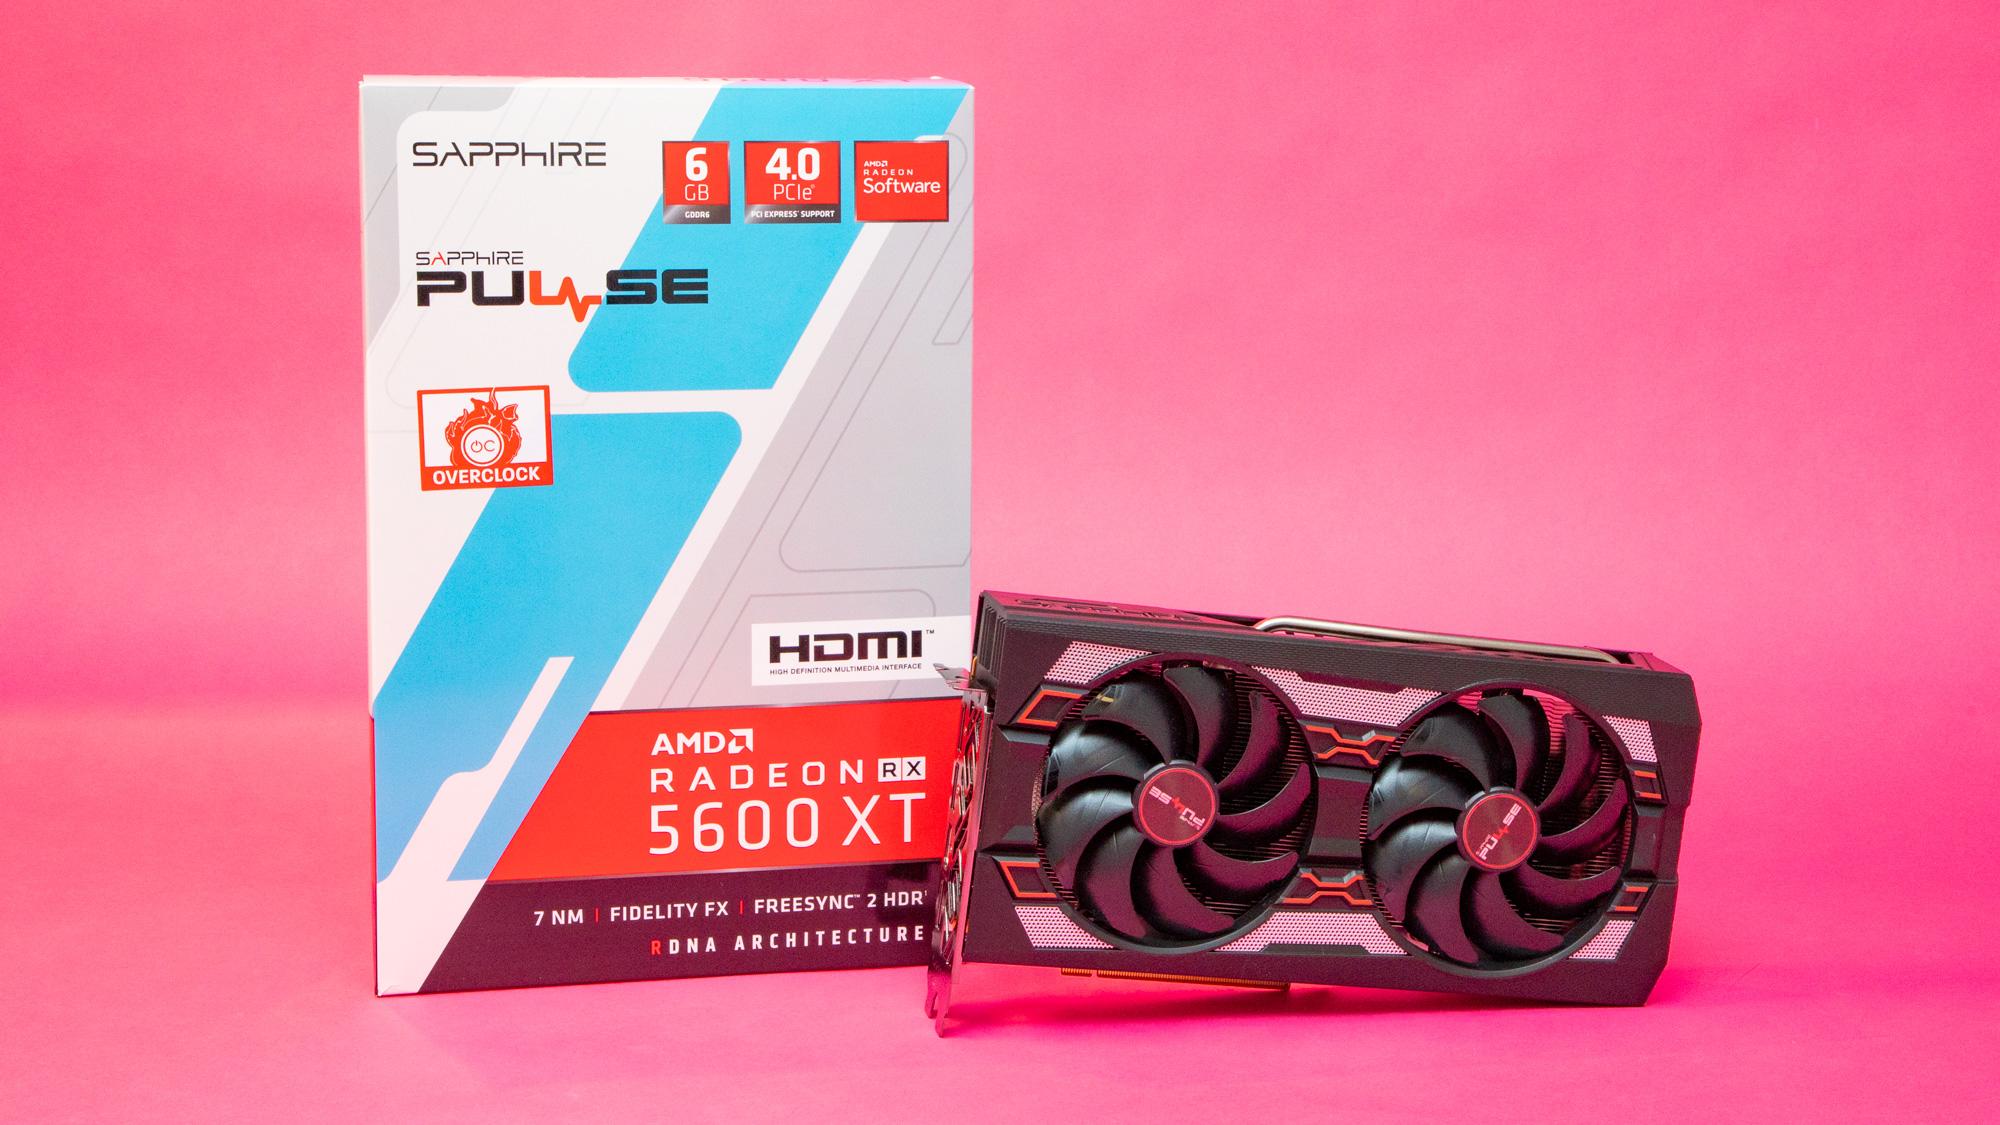 Sự ra mắt AMD Radeon RX 5600 XT là một mớ hỗn độn: đây là những gì bạn cần biết 1